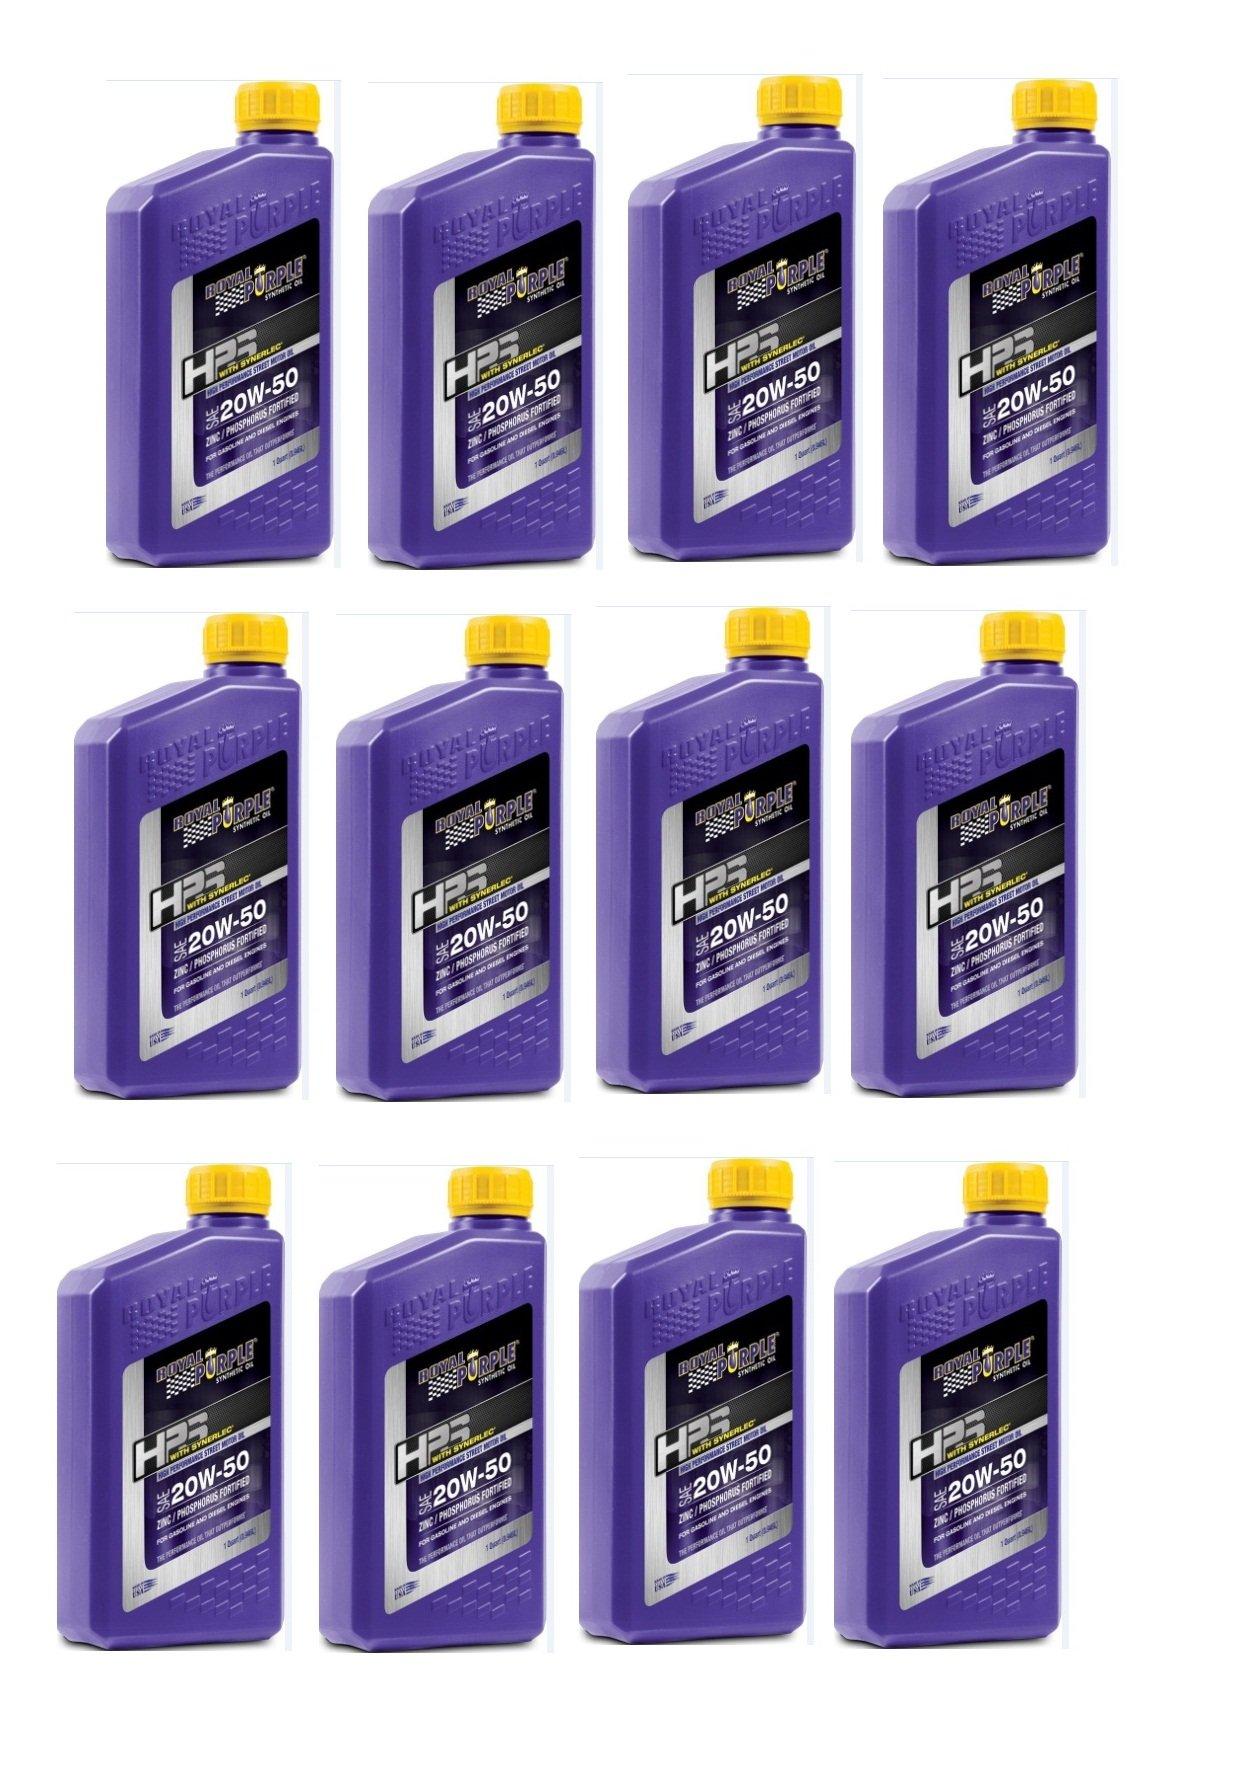 Royal Purple HPS Street Synthetic Motor Oil 20W-50 1 qt (Case of 12) by Royal Purple